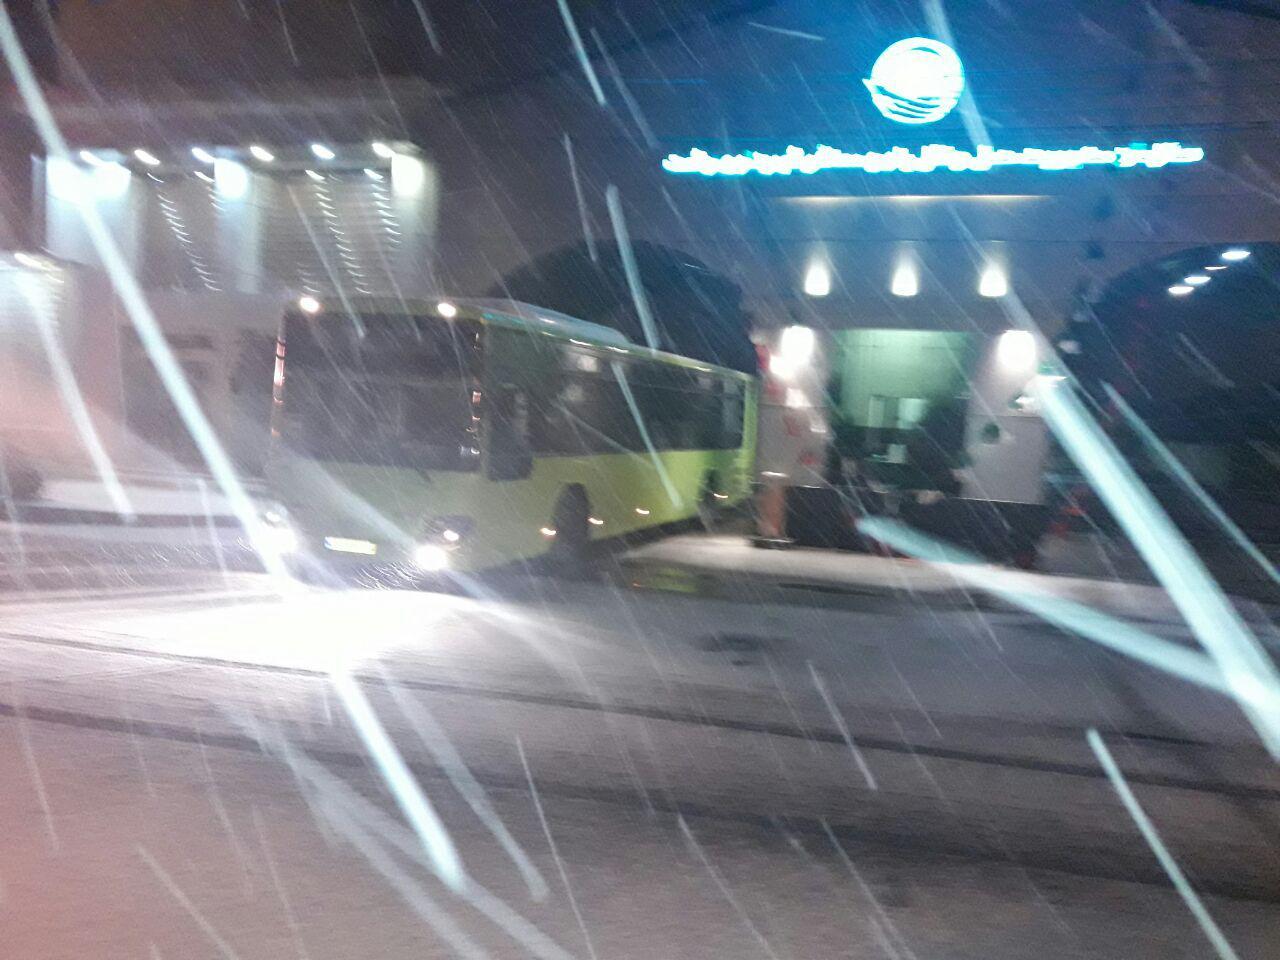 تردد اتوبوس ها در خیابان های سطح شهر برای جلوگیری از یخ زدگی جاده ها